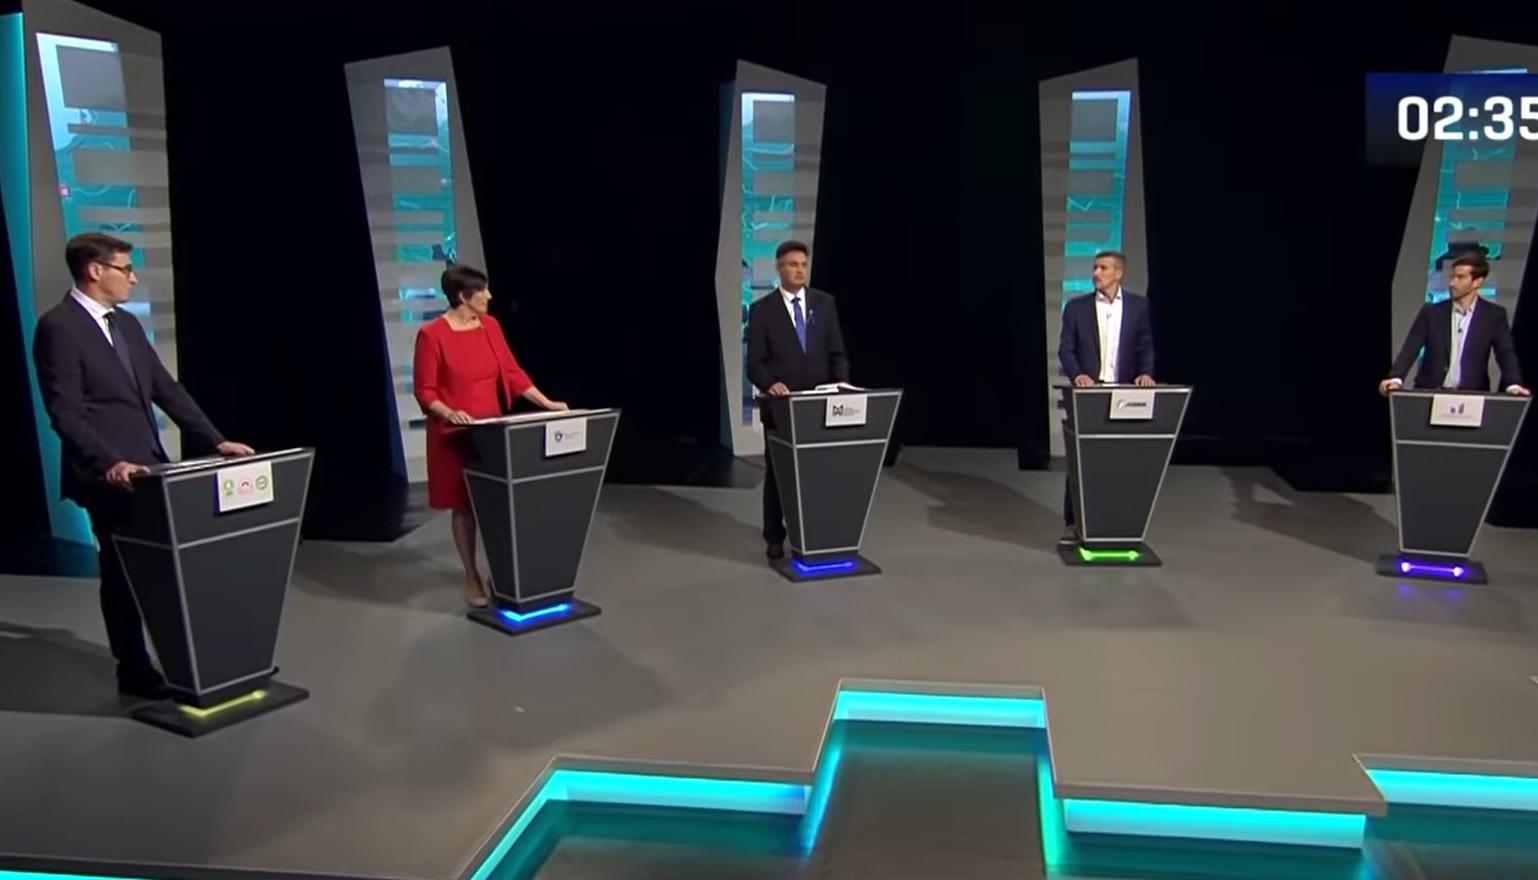 Zweite Fernsehdebatte der oppositionellen Ministerpräsident-Kandidaten